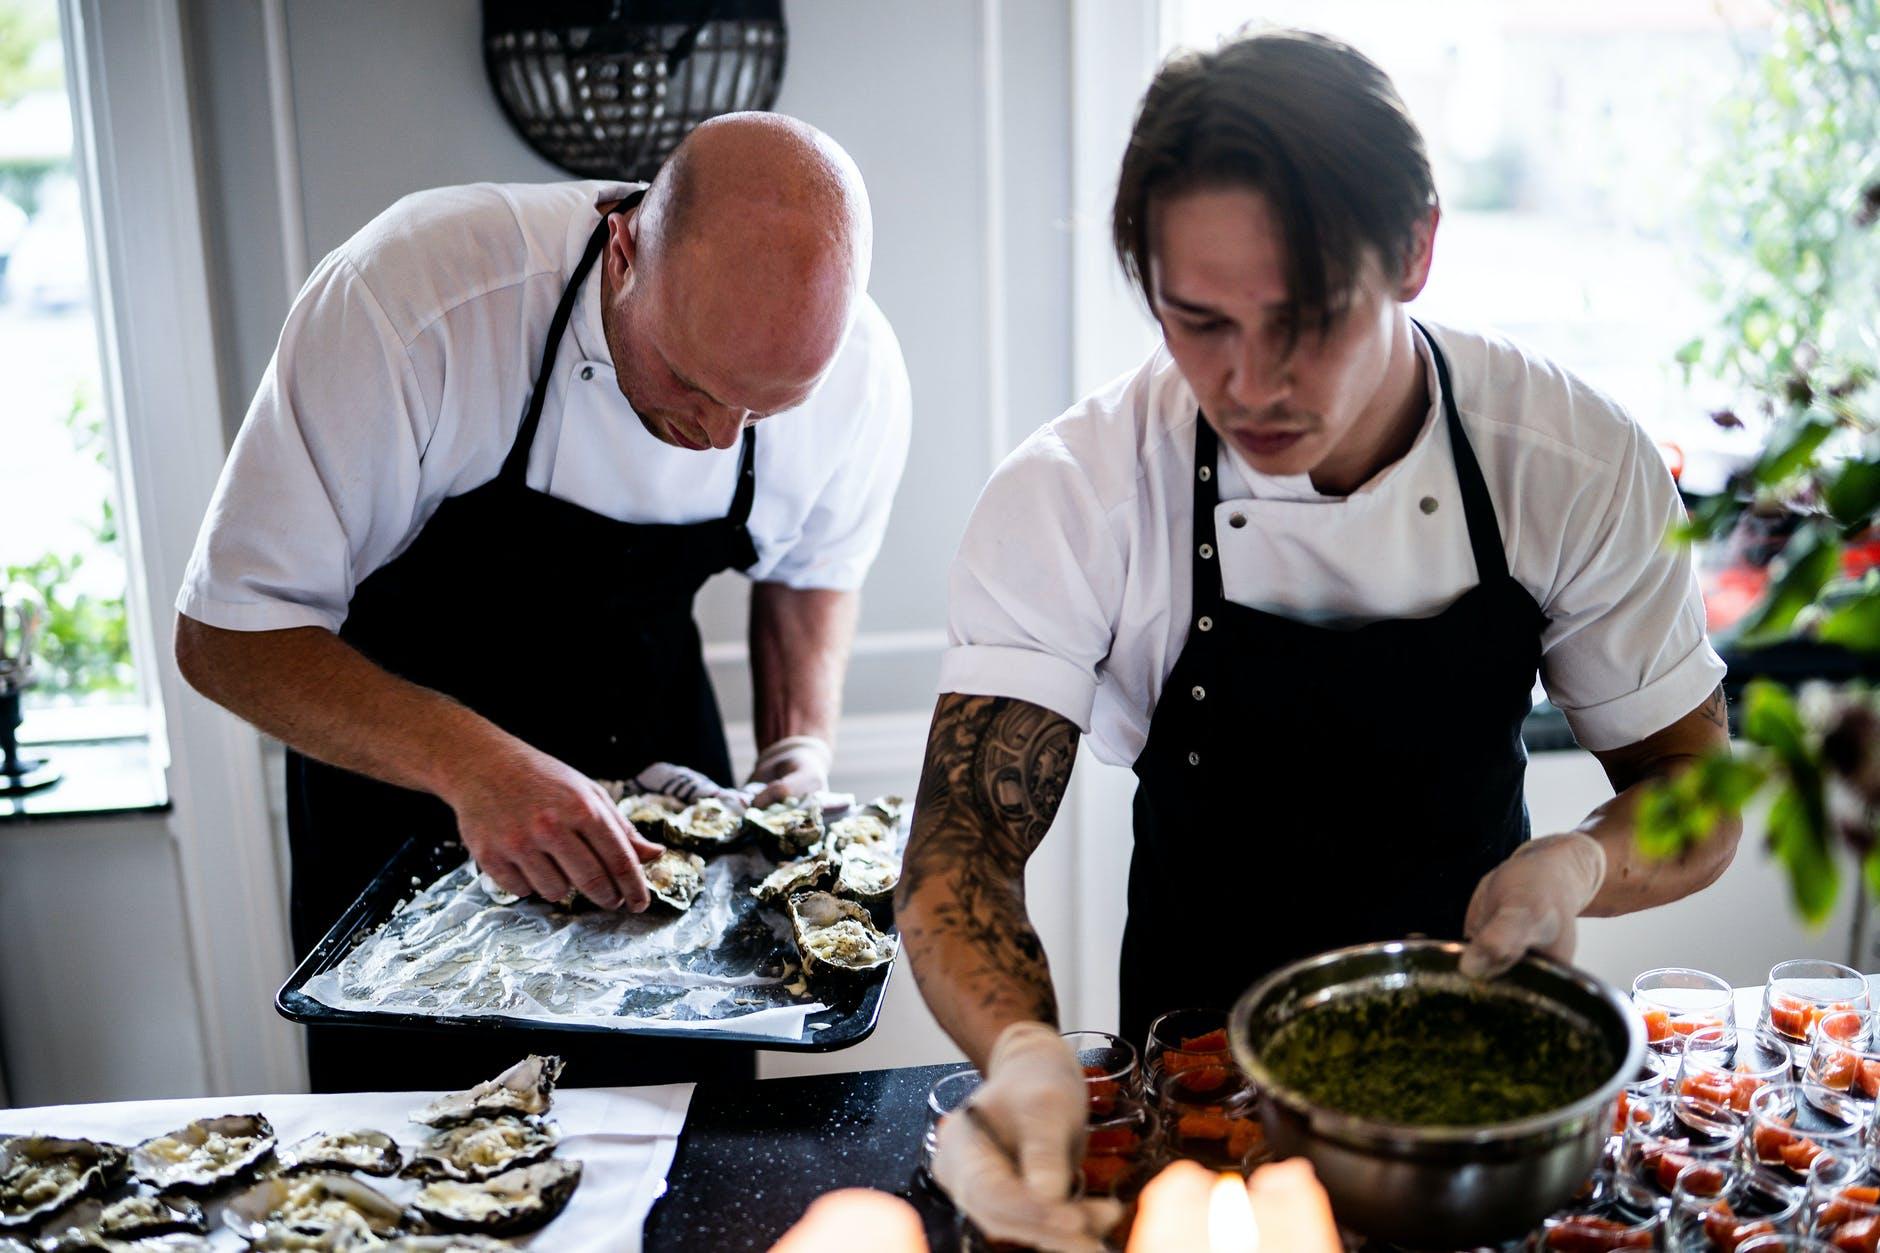 two men preparing food